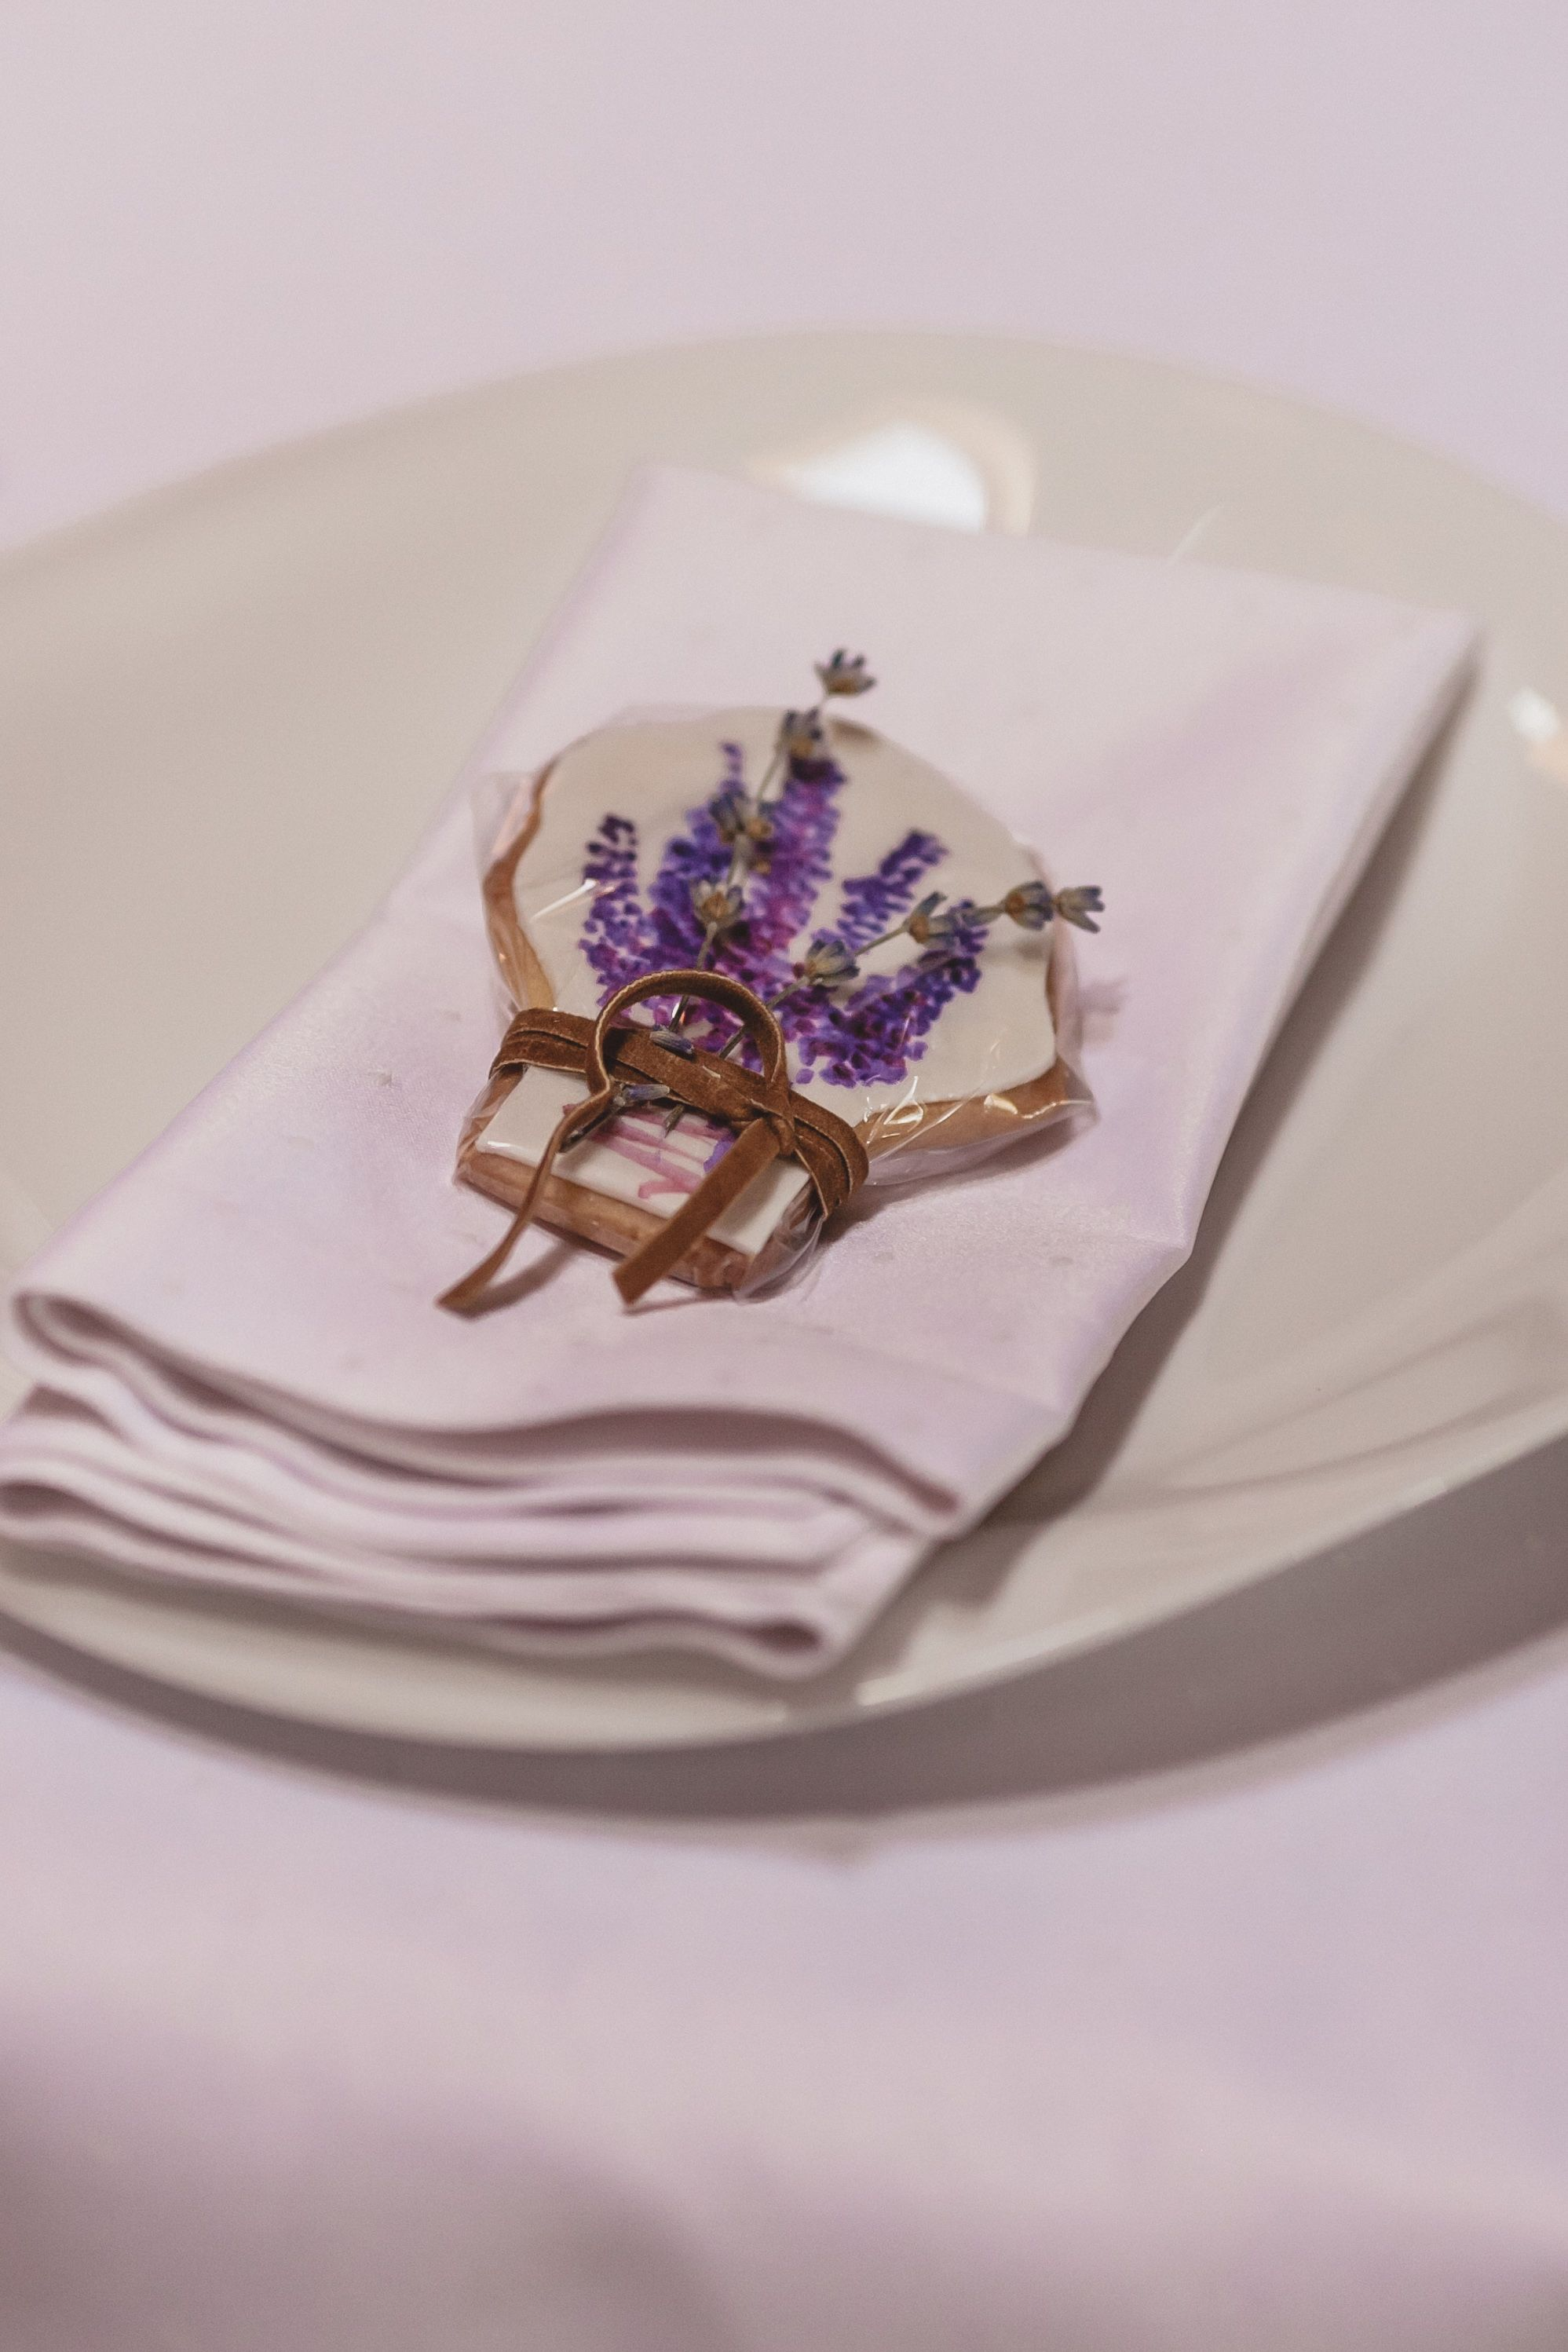 wedding decor, wedding table setting, flowers, numeration table decor, нумерация столов, сервировка стола, свадебный декор столов, места для гостей